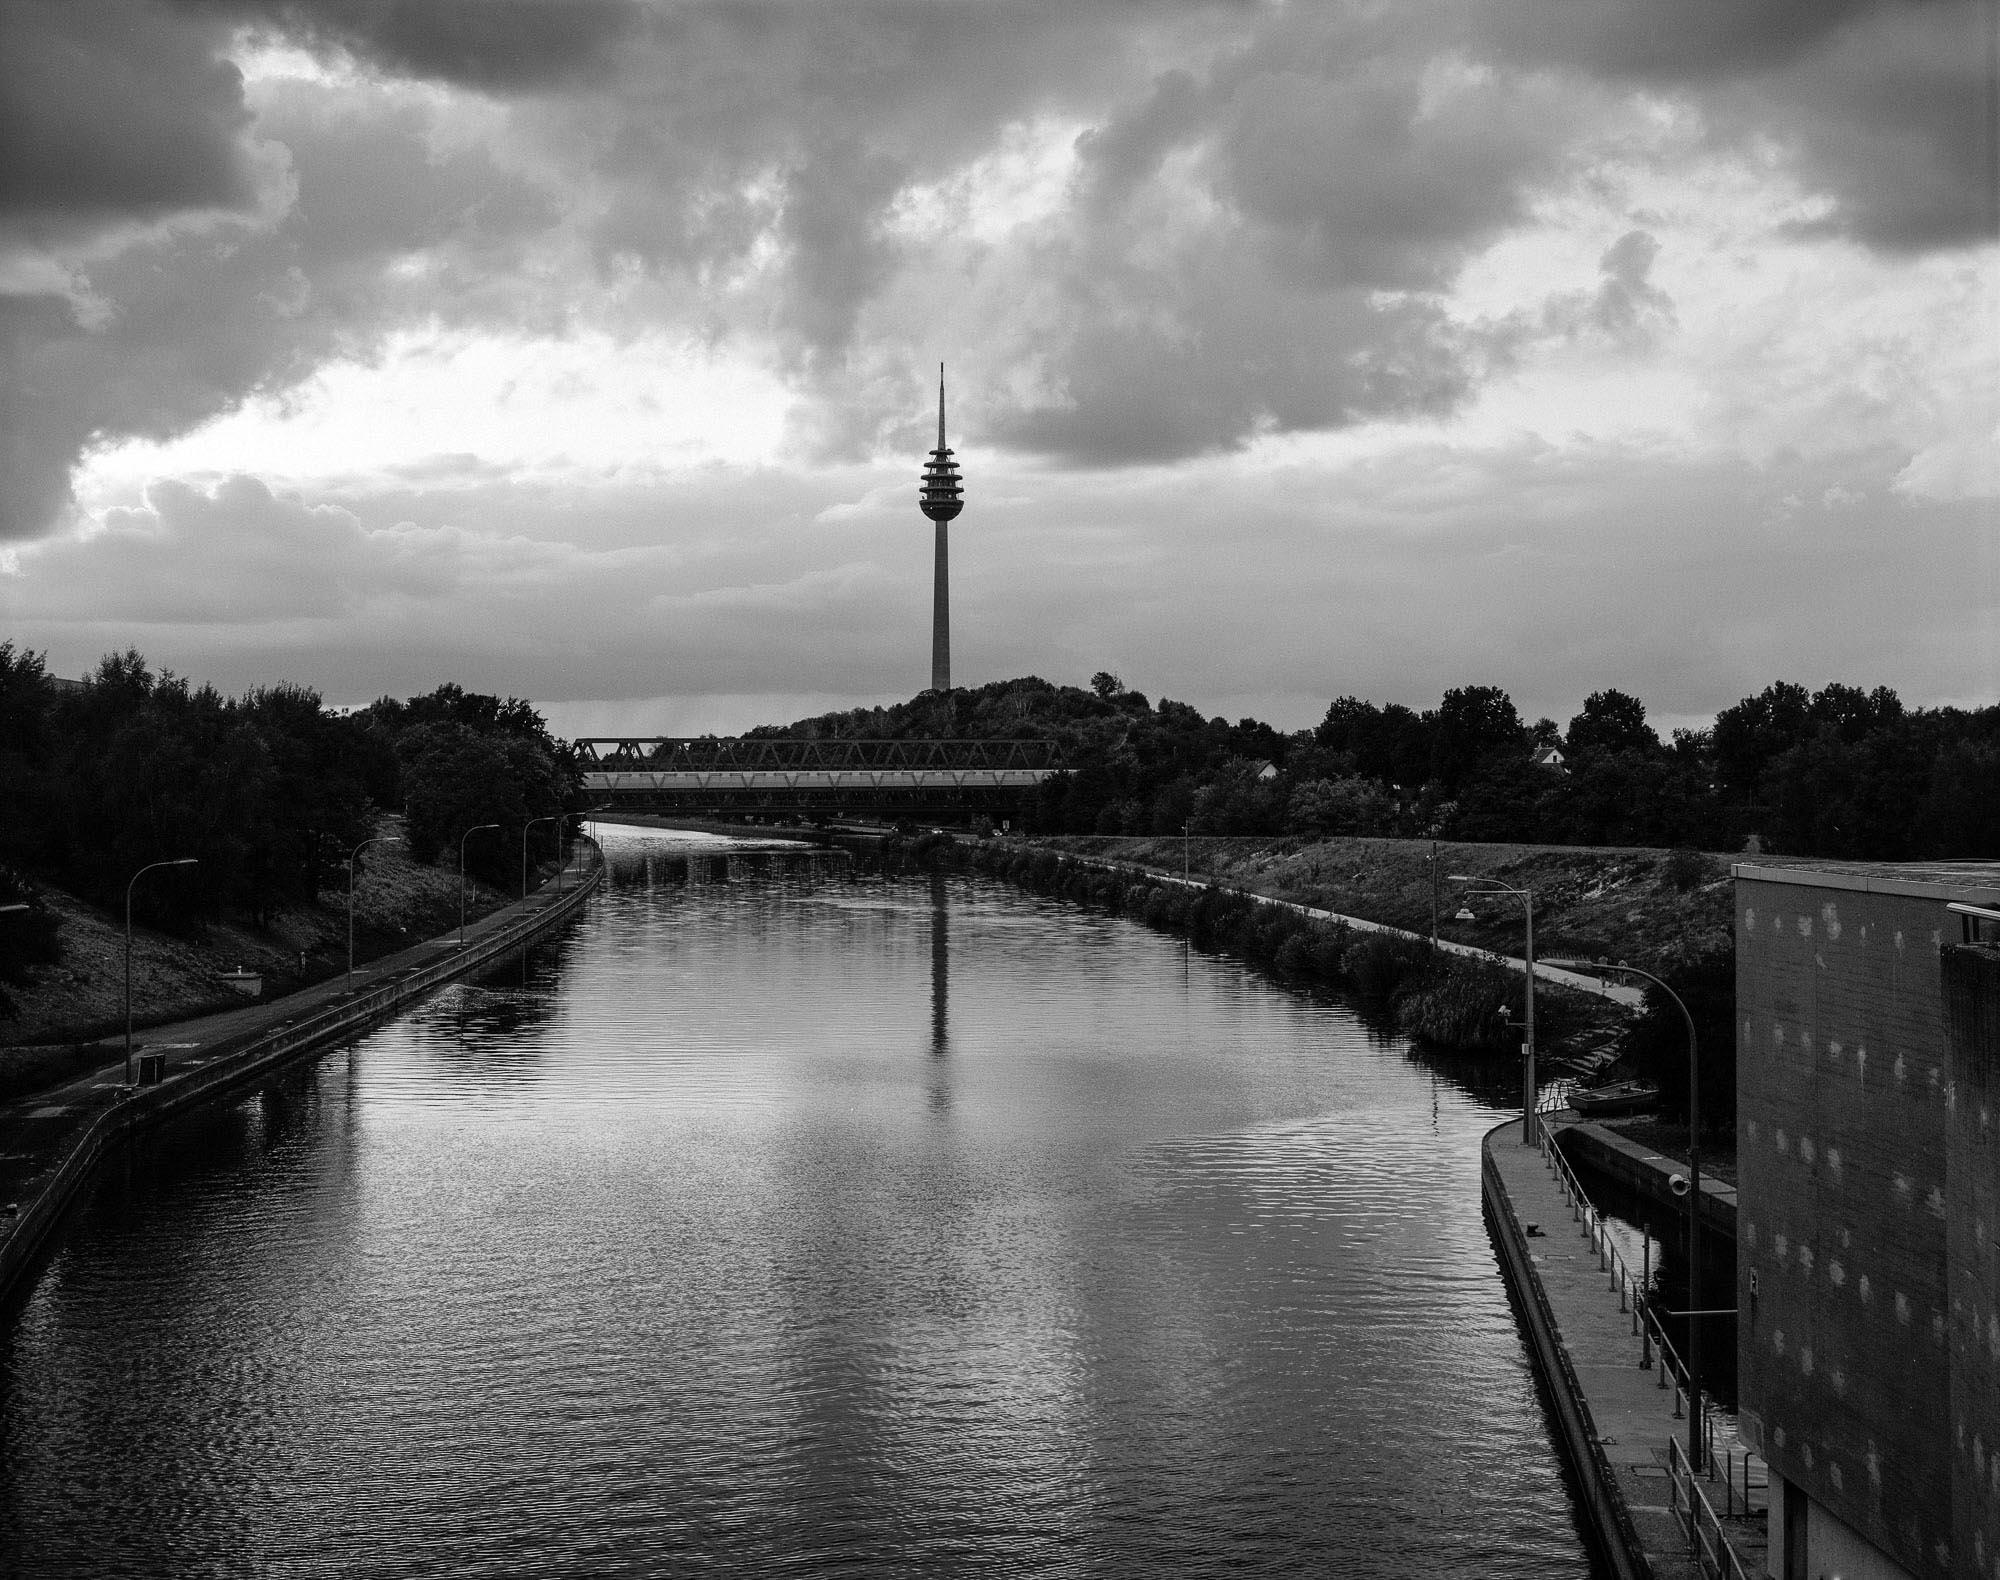 Cthulhusnet / Fernsehturm